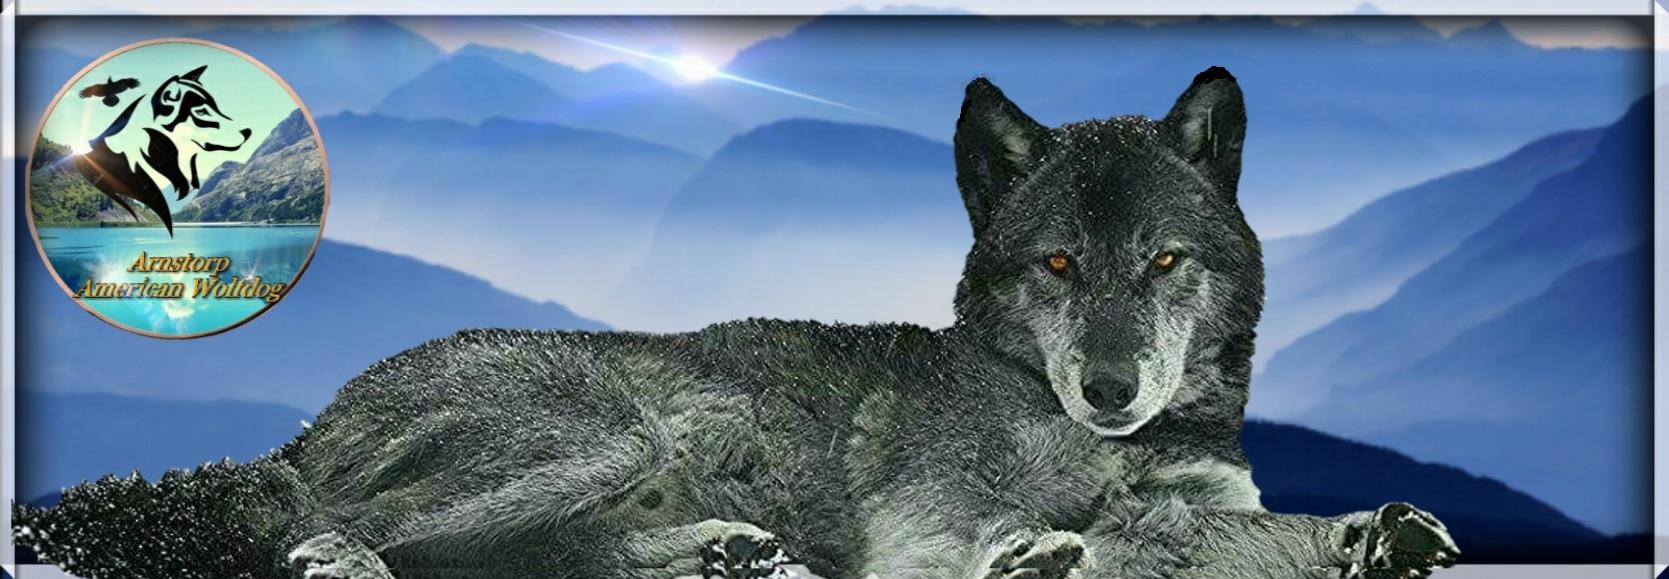 Americanwolfdog Sweden